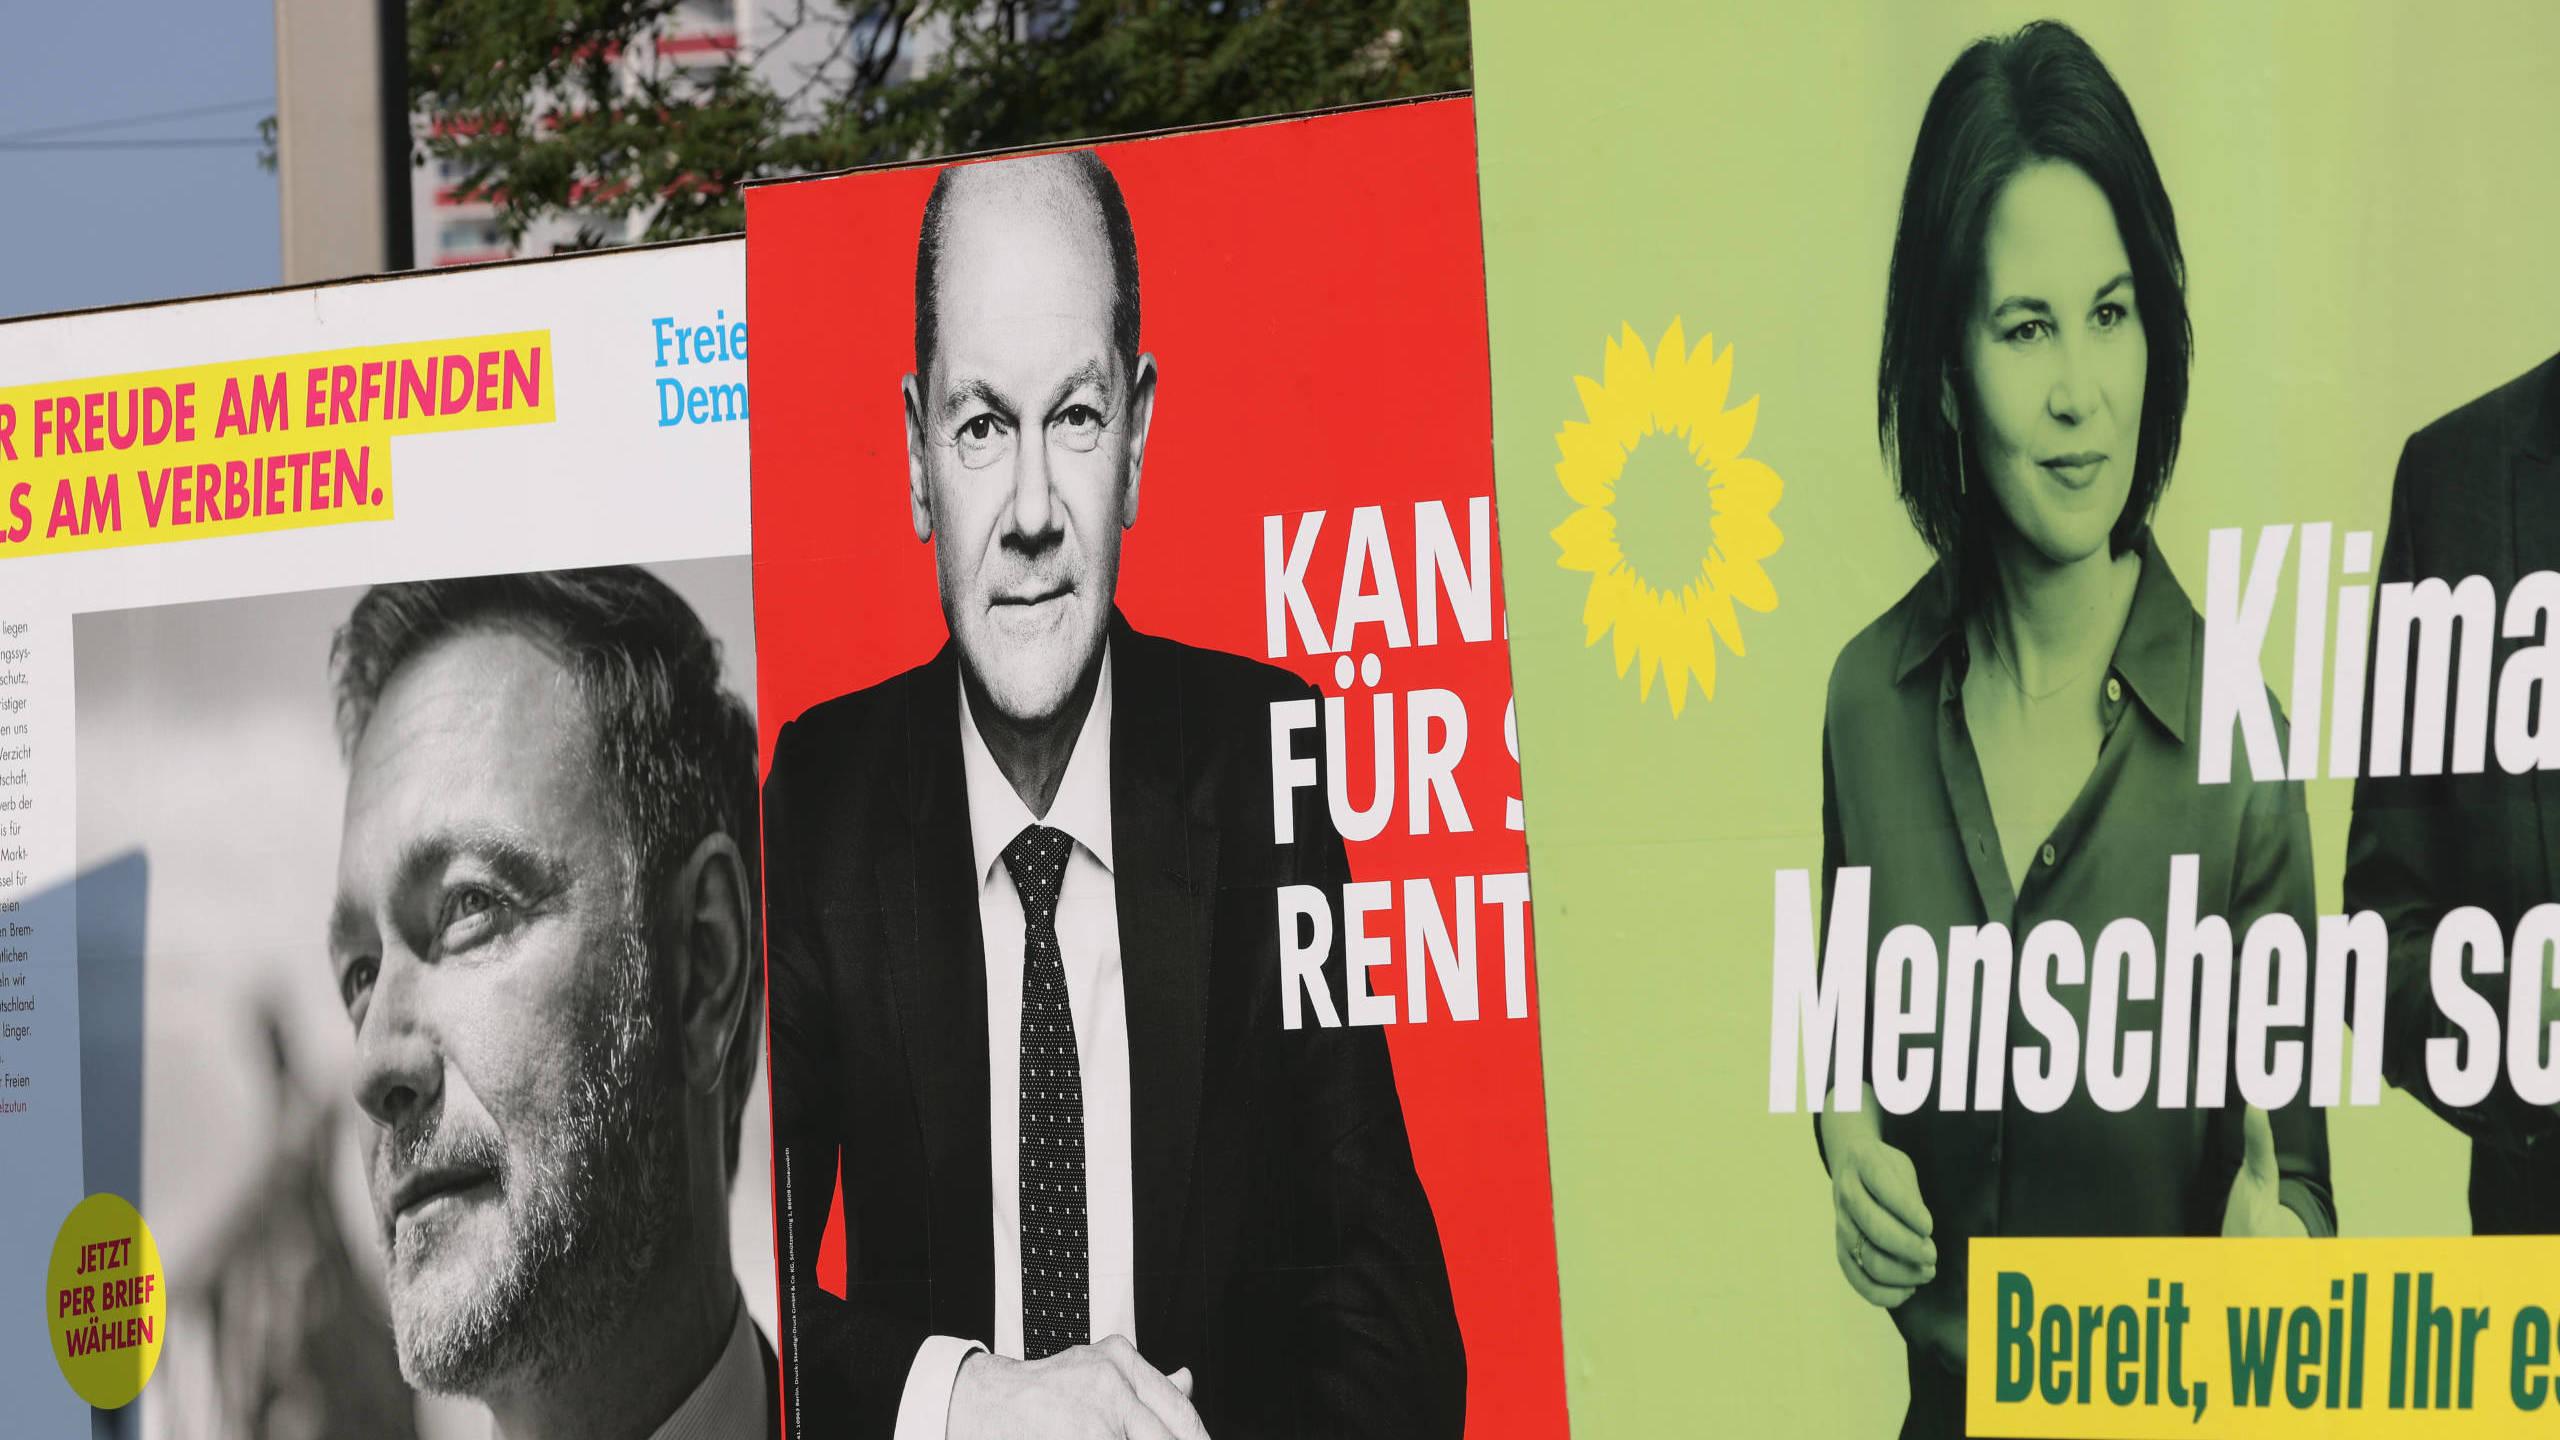 Wahlplakate zur Bundestagswahl von FDP, SPD und Bündnis 90/Die Grünen am 5. September 2021 in Leipzig. (Gallup/Getty Images